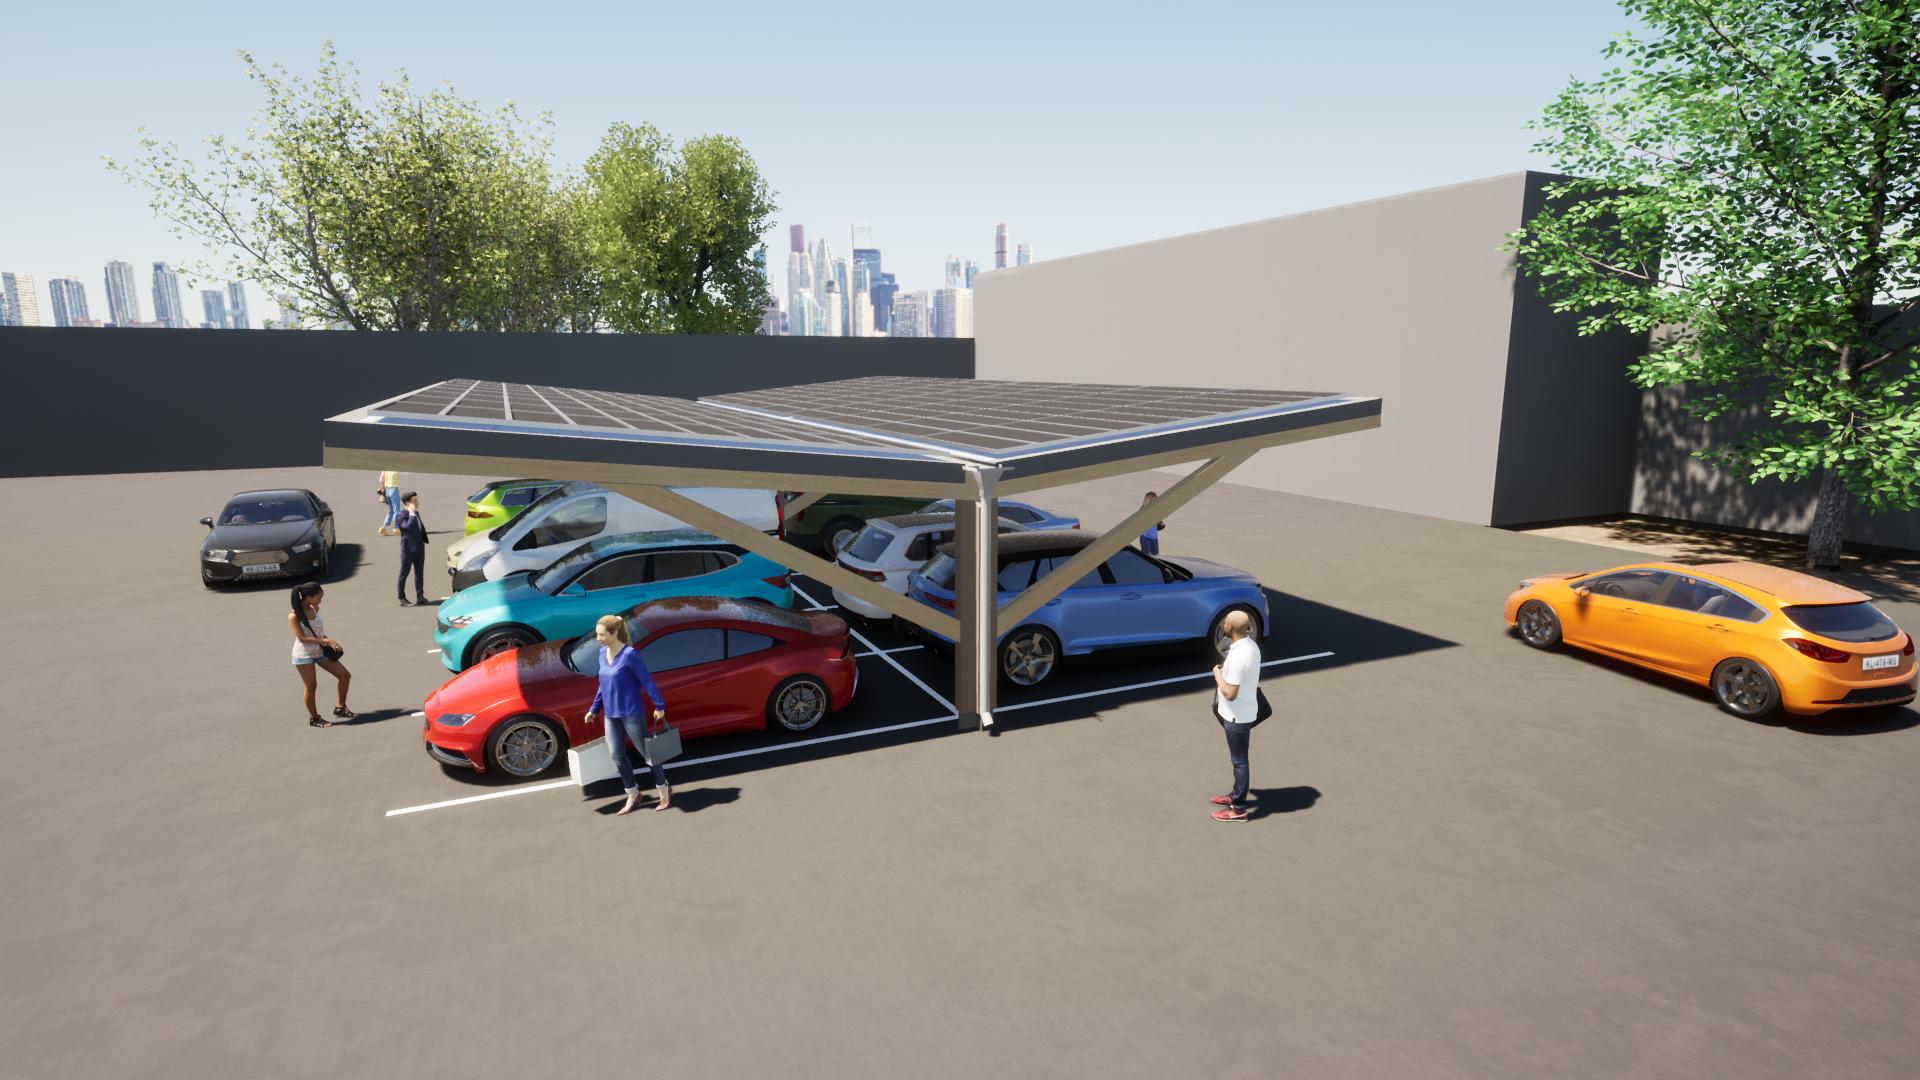 Timber carpark 2